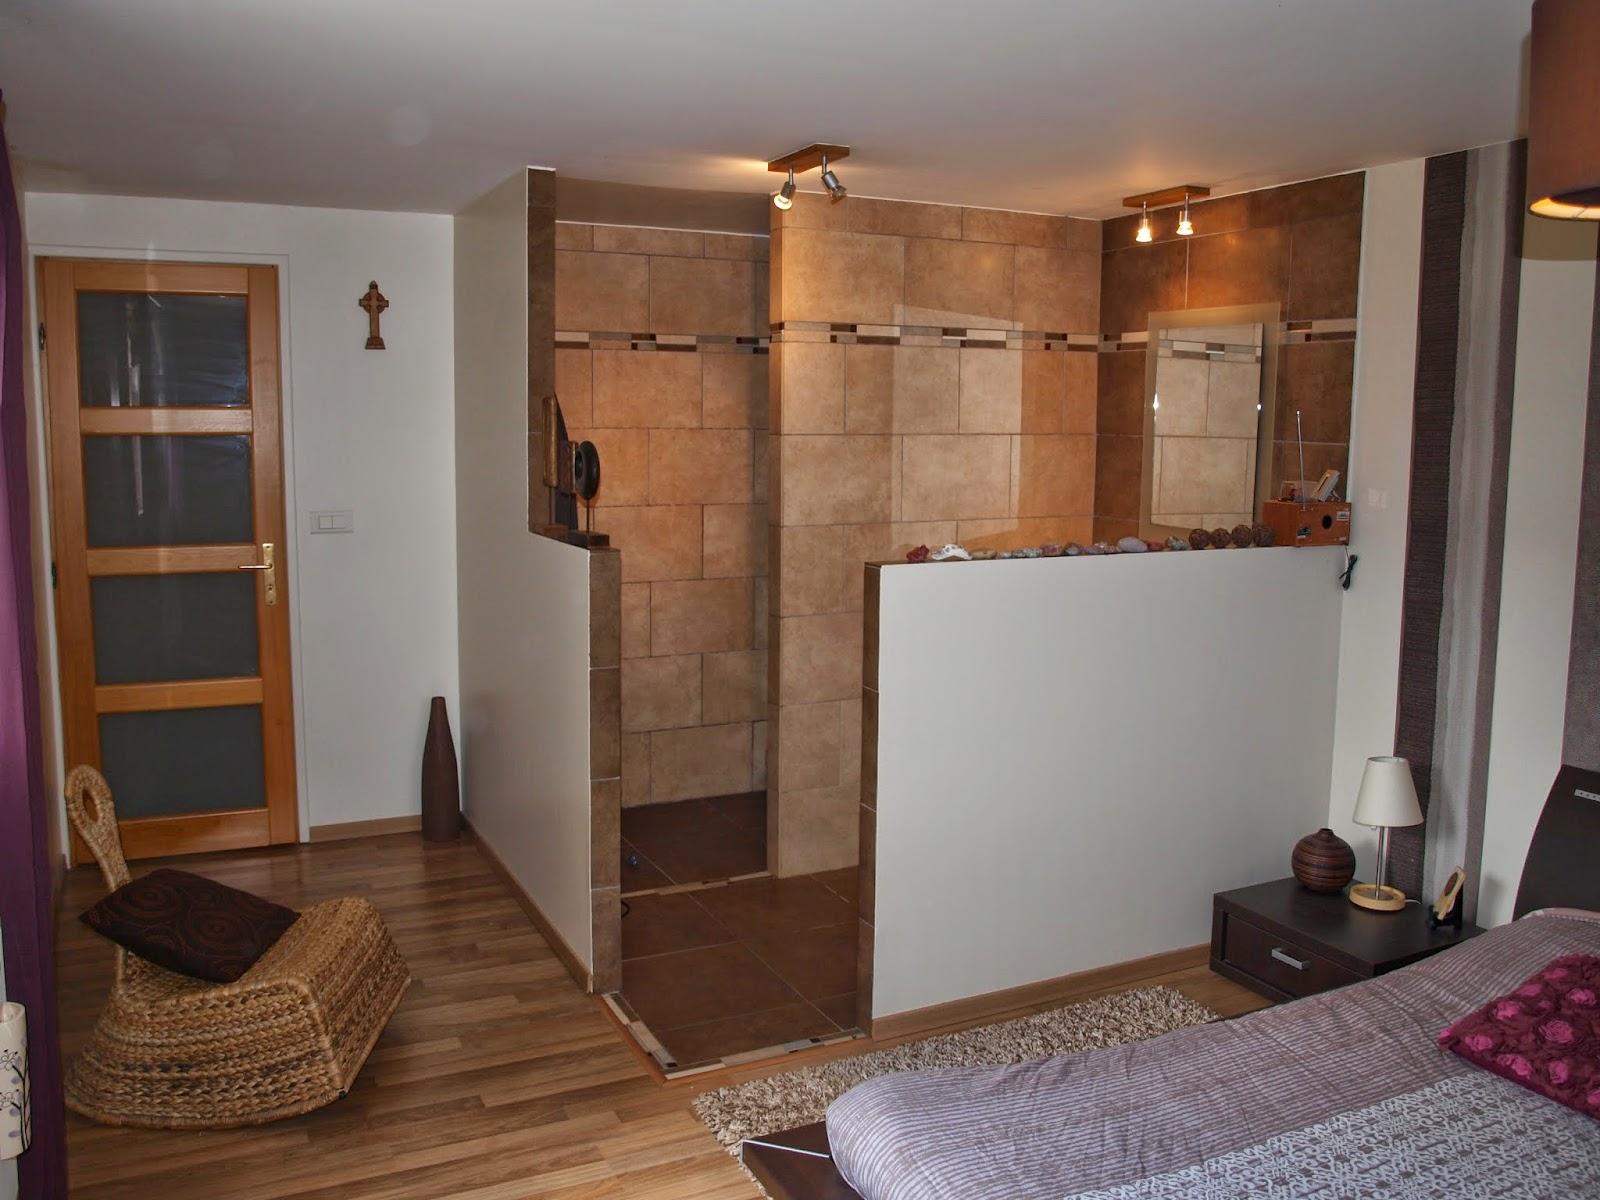 #925F39 Notre Maison à Cysoing: Suite Parentale 22m2 3059 plan suite parentale 22m2 1600x1200 px @ aertt.com